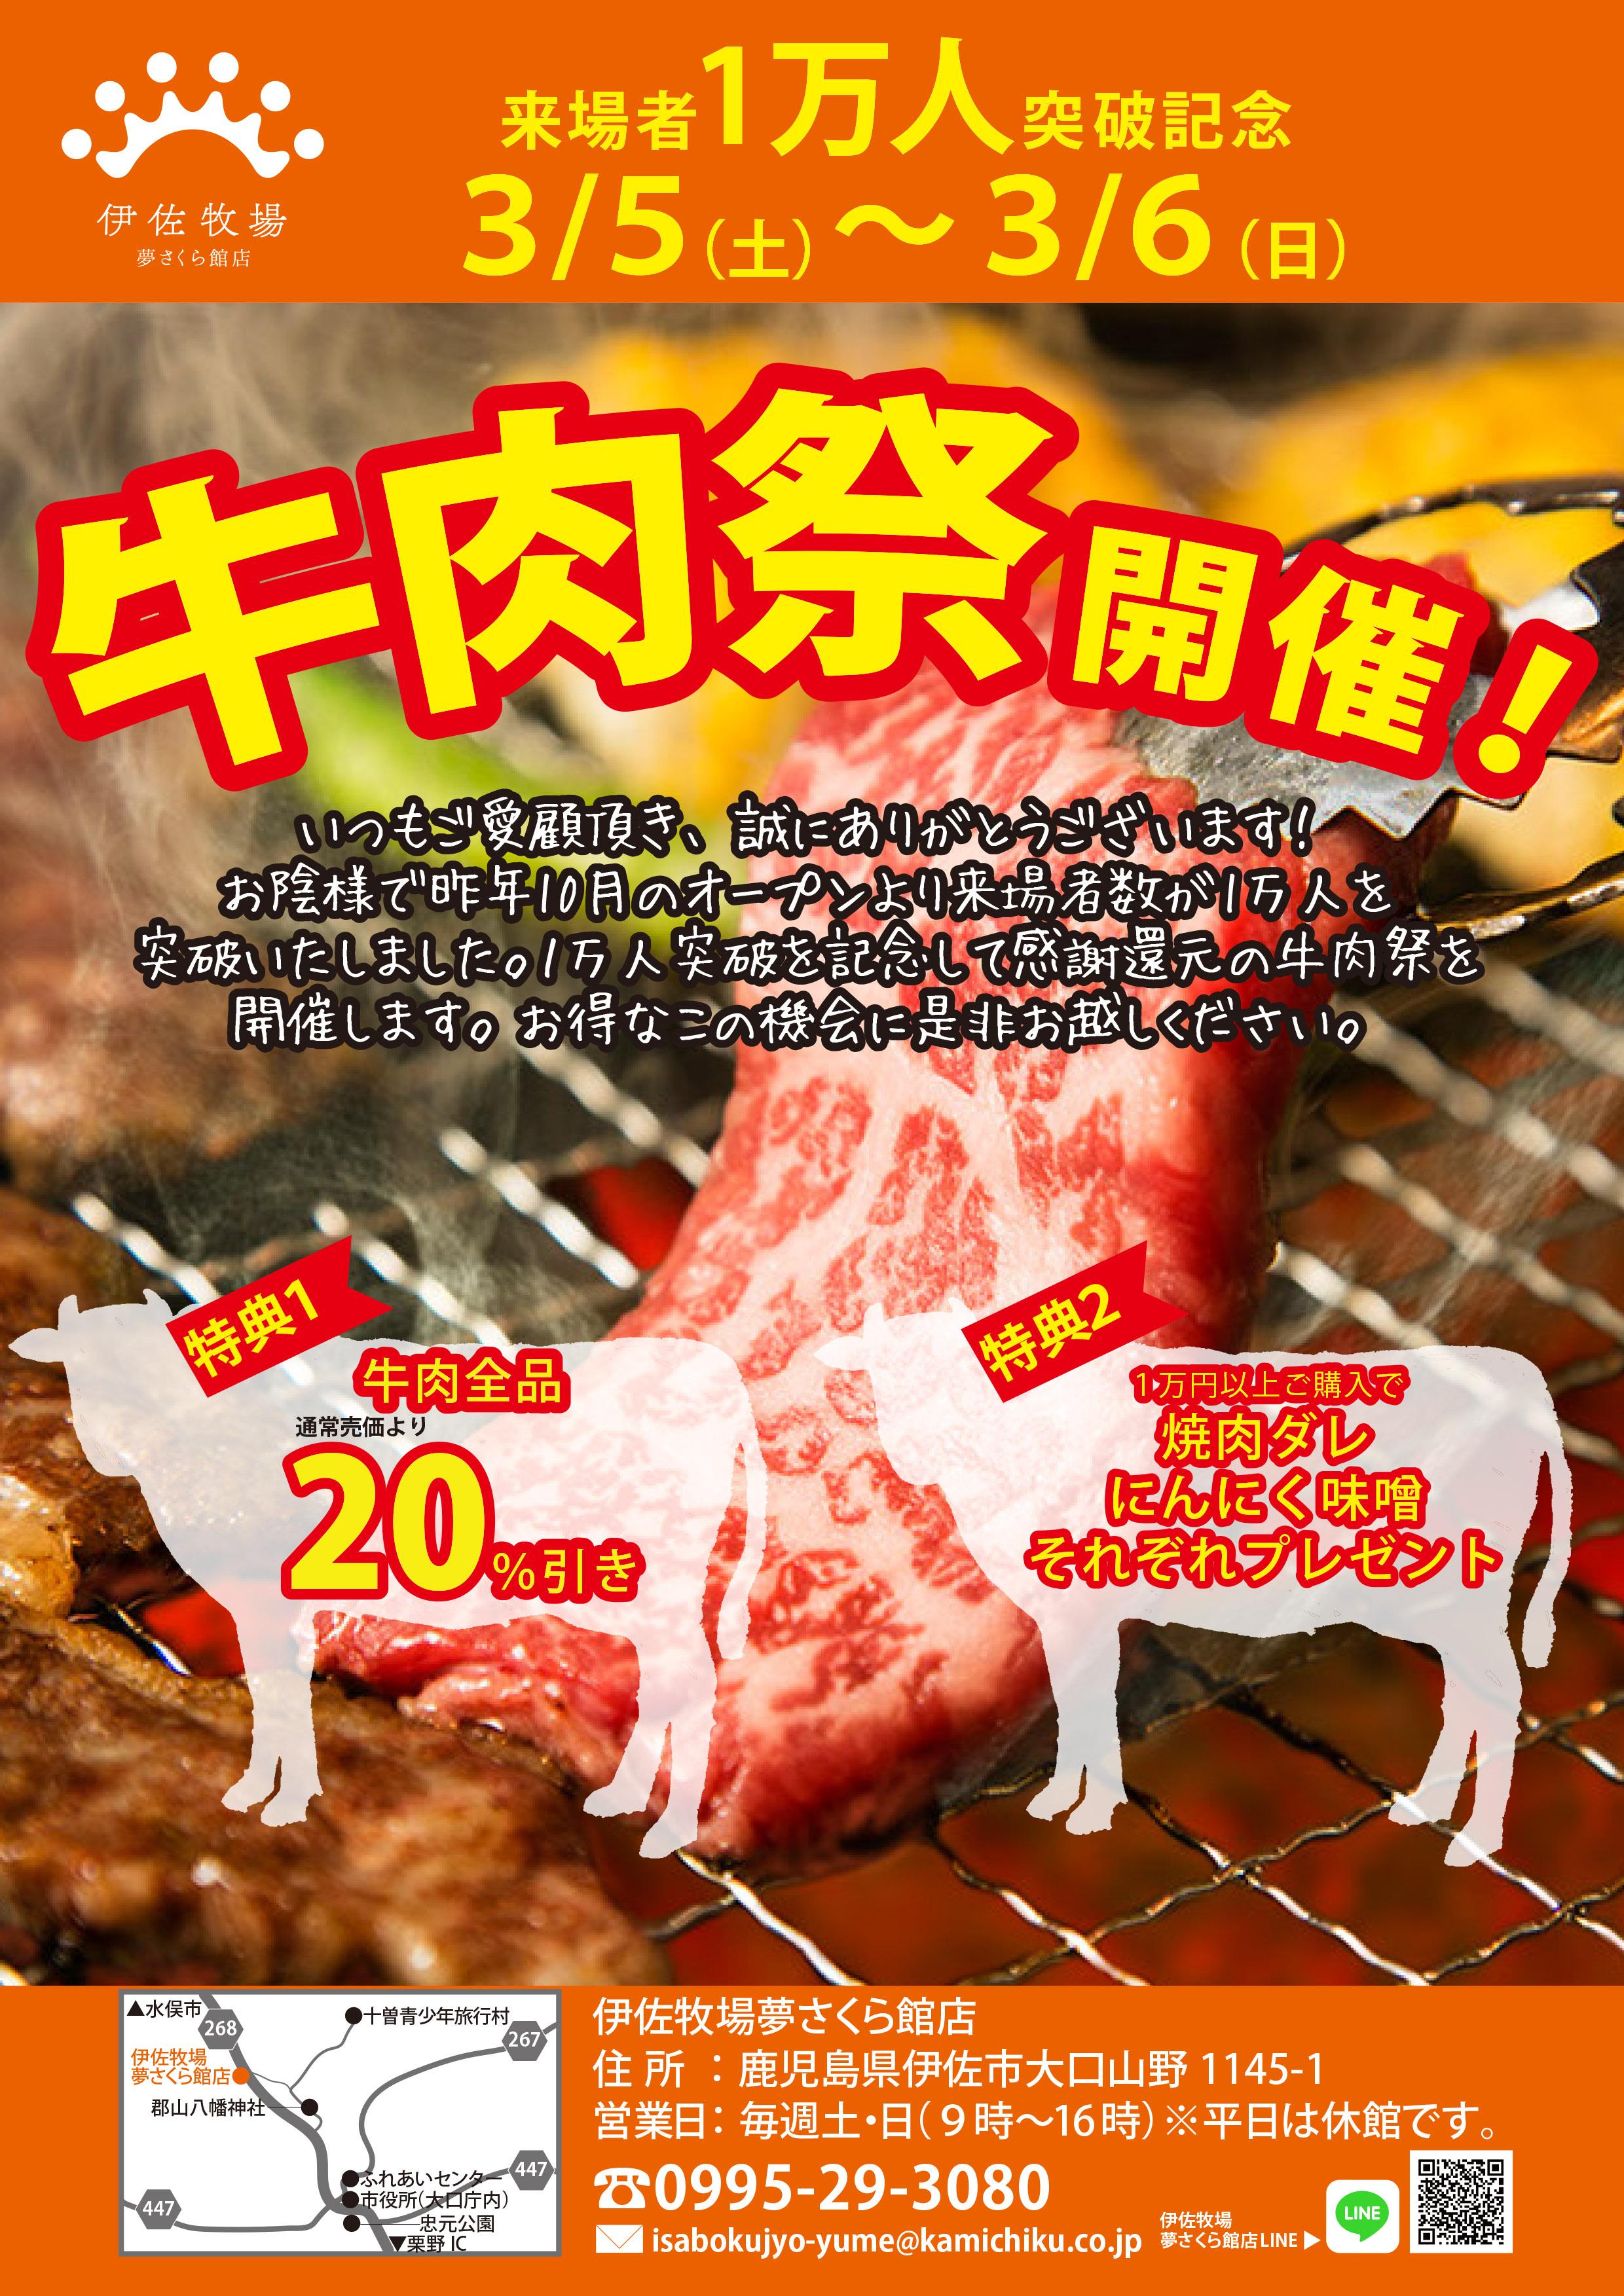 夢さくら館肉祭り入稿用1 2